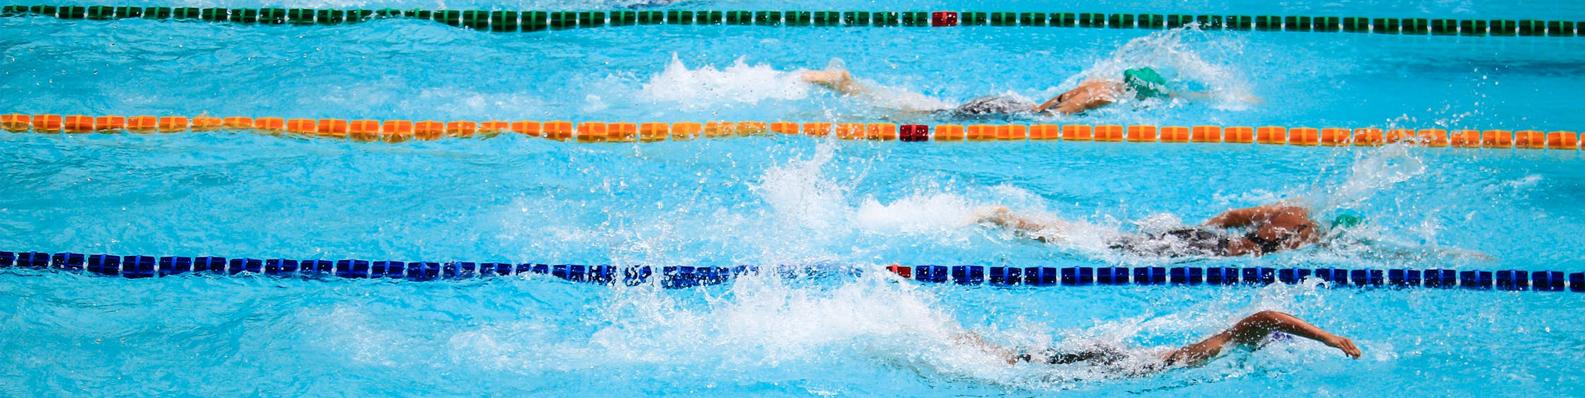 Swimming Fundraising Ideas & Variations